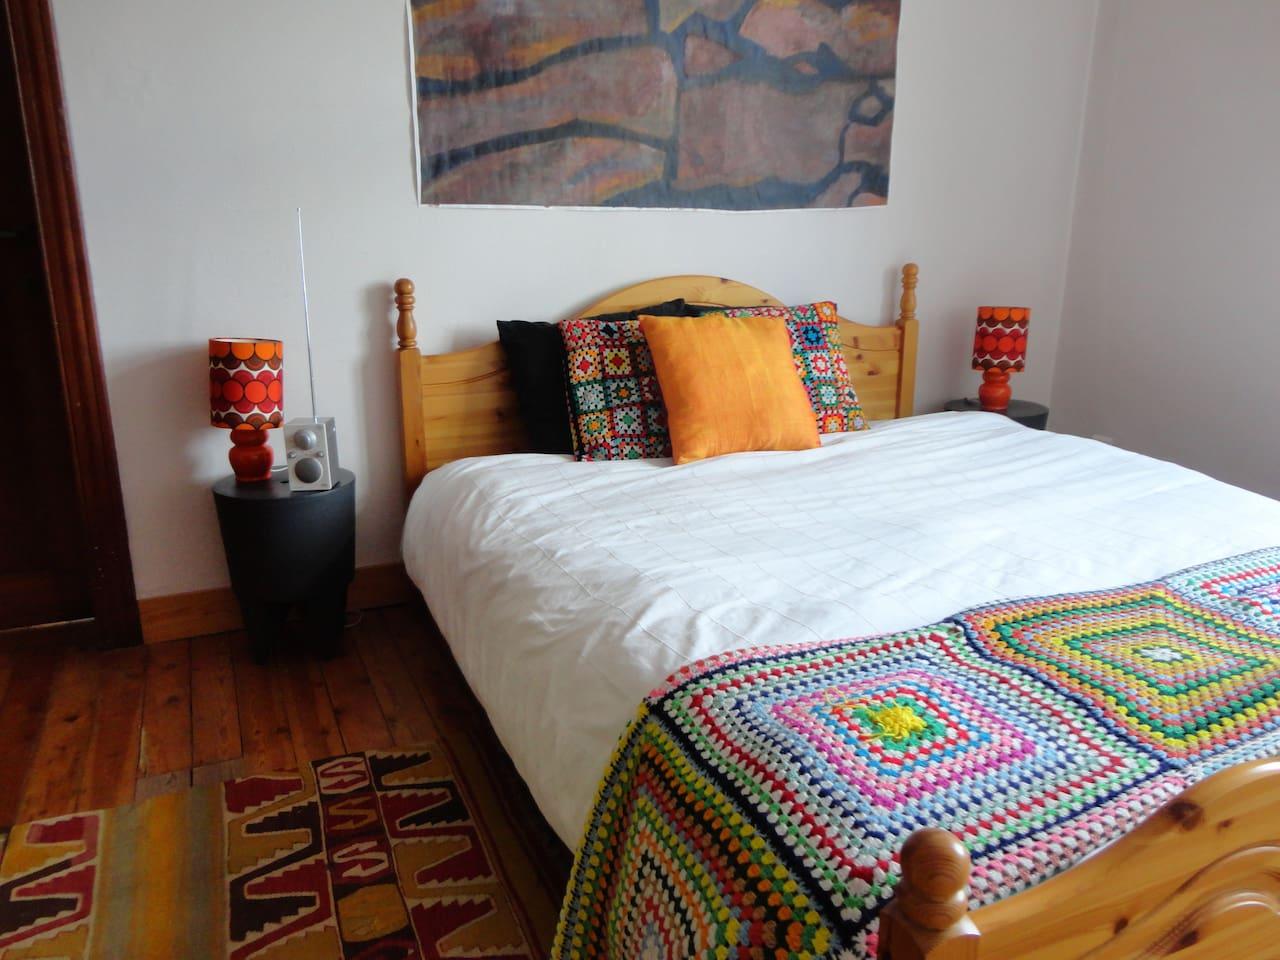 double bedroom second floor - the bed is 1m60